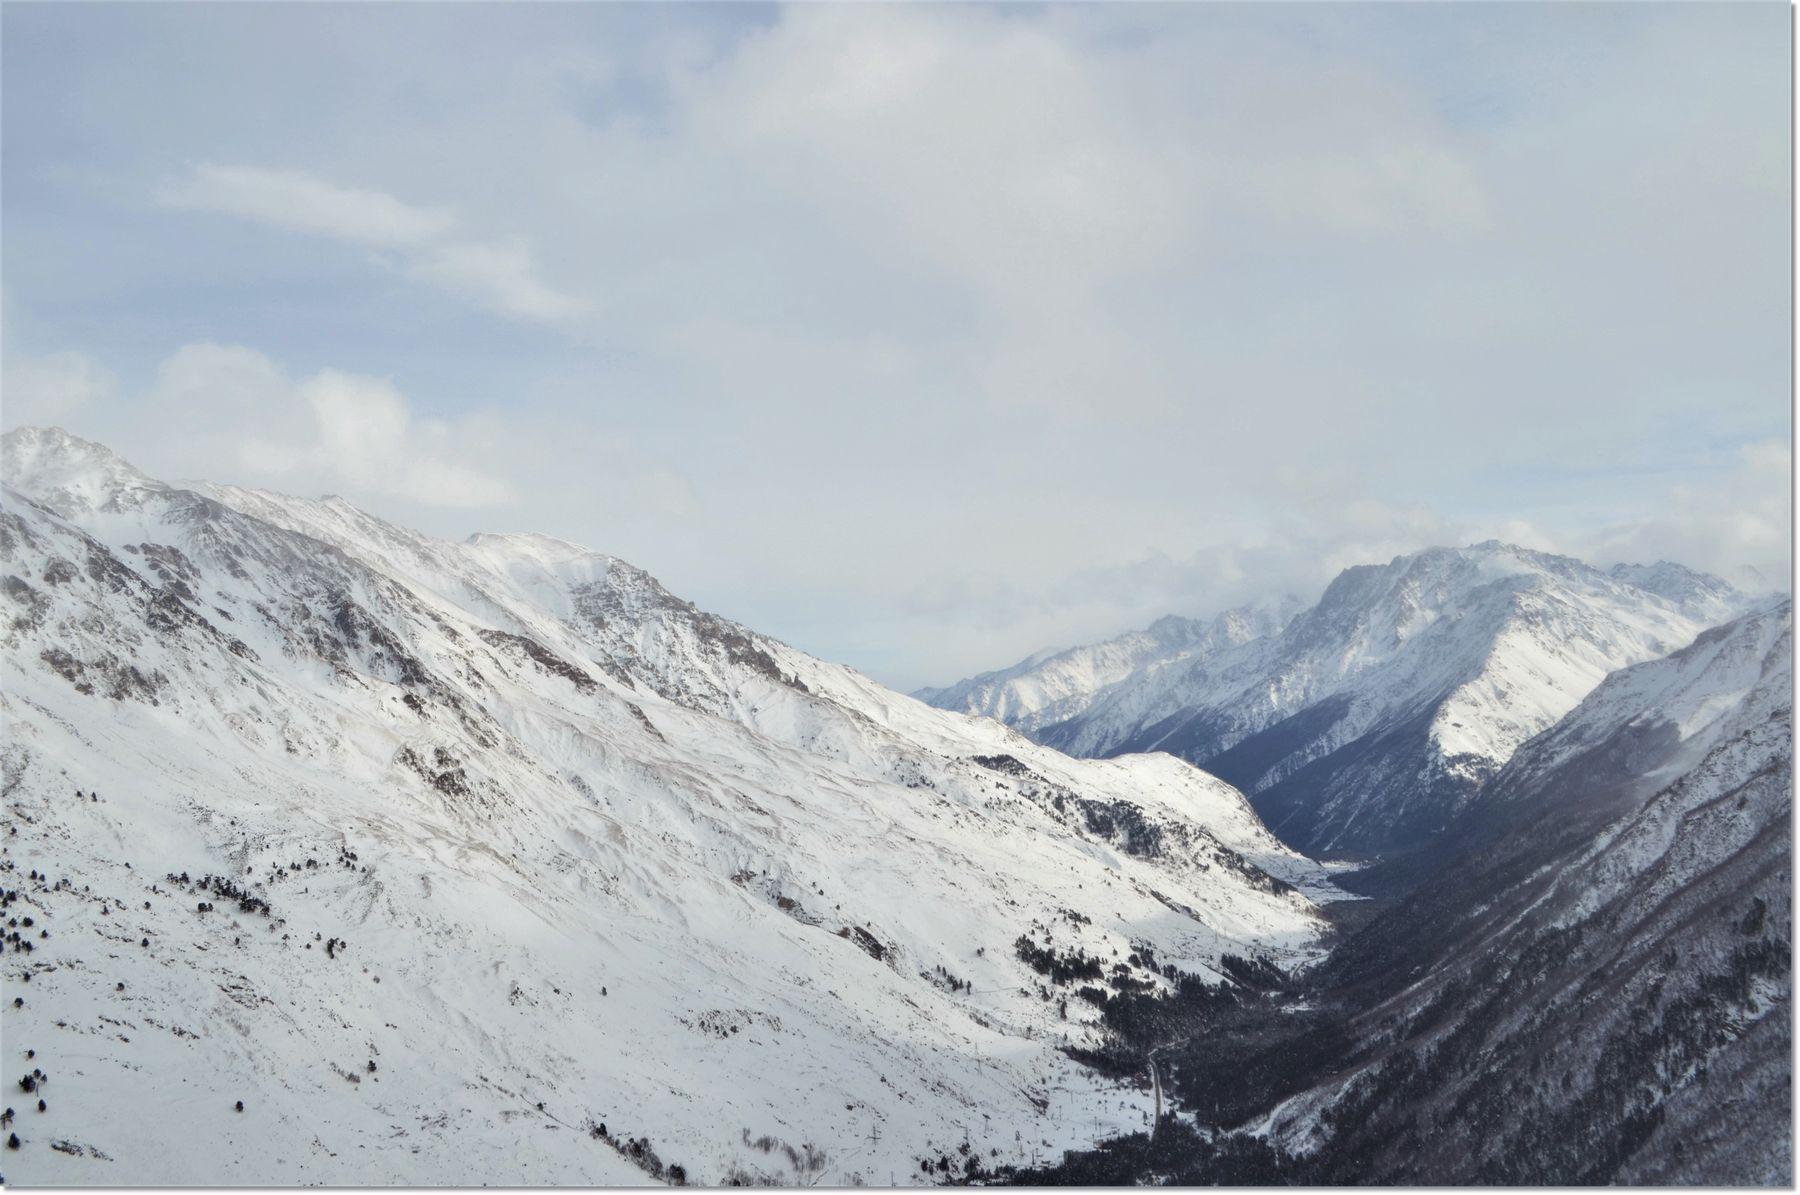 Я часто слышу музыку в горах.... Кавказ Кабардино-Балкария Приэльбрусье Чегет горы вершины красота путешествие